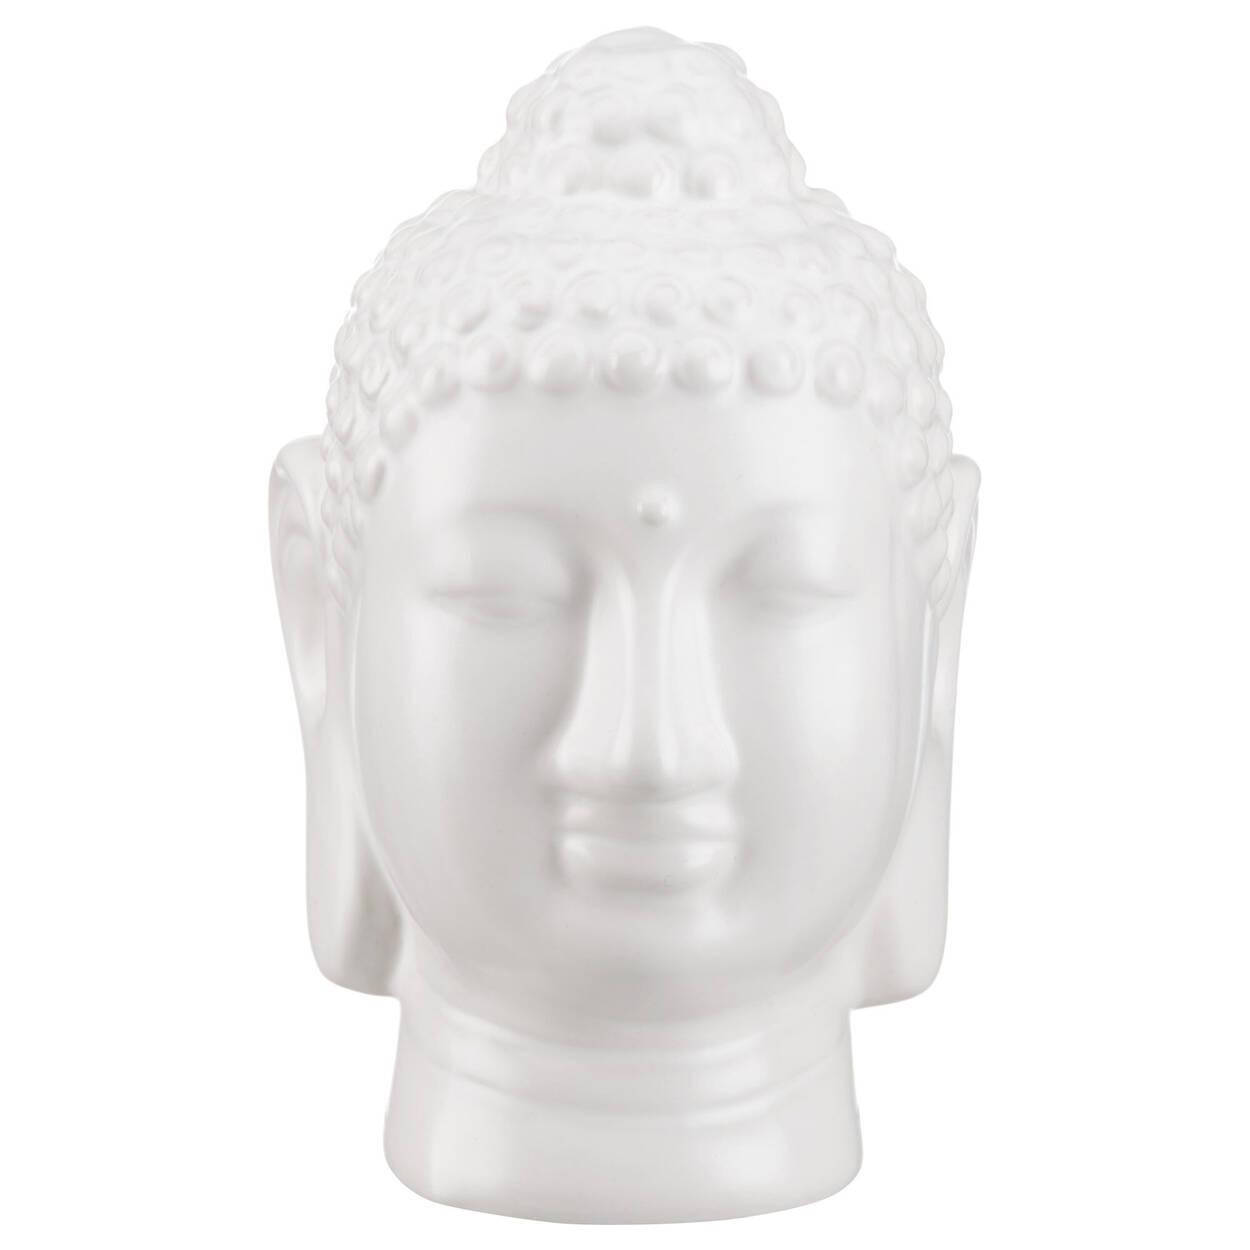 Statue de tête de Bouddha en céramique